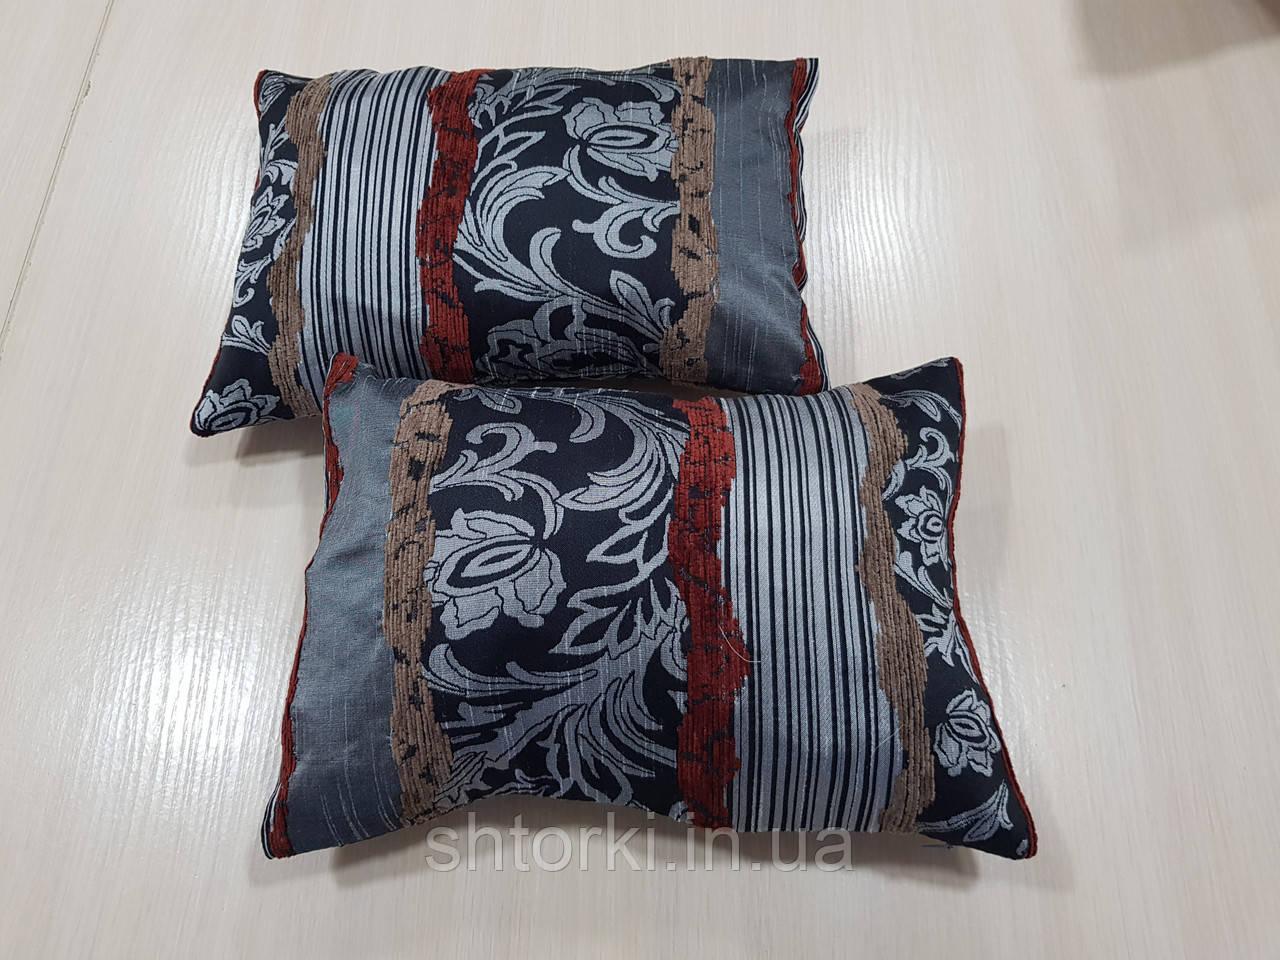 Комплект подушек Черные с серы завитком 2шт